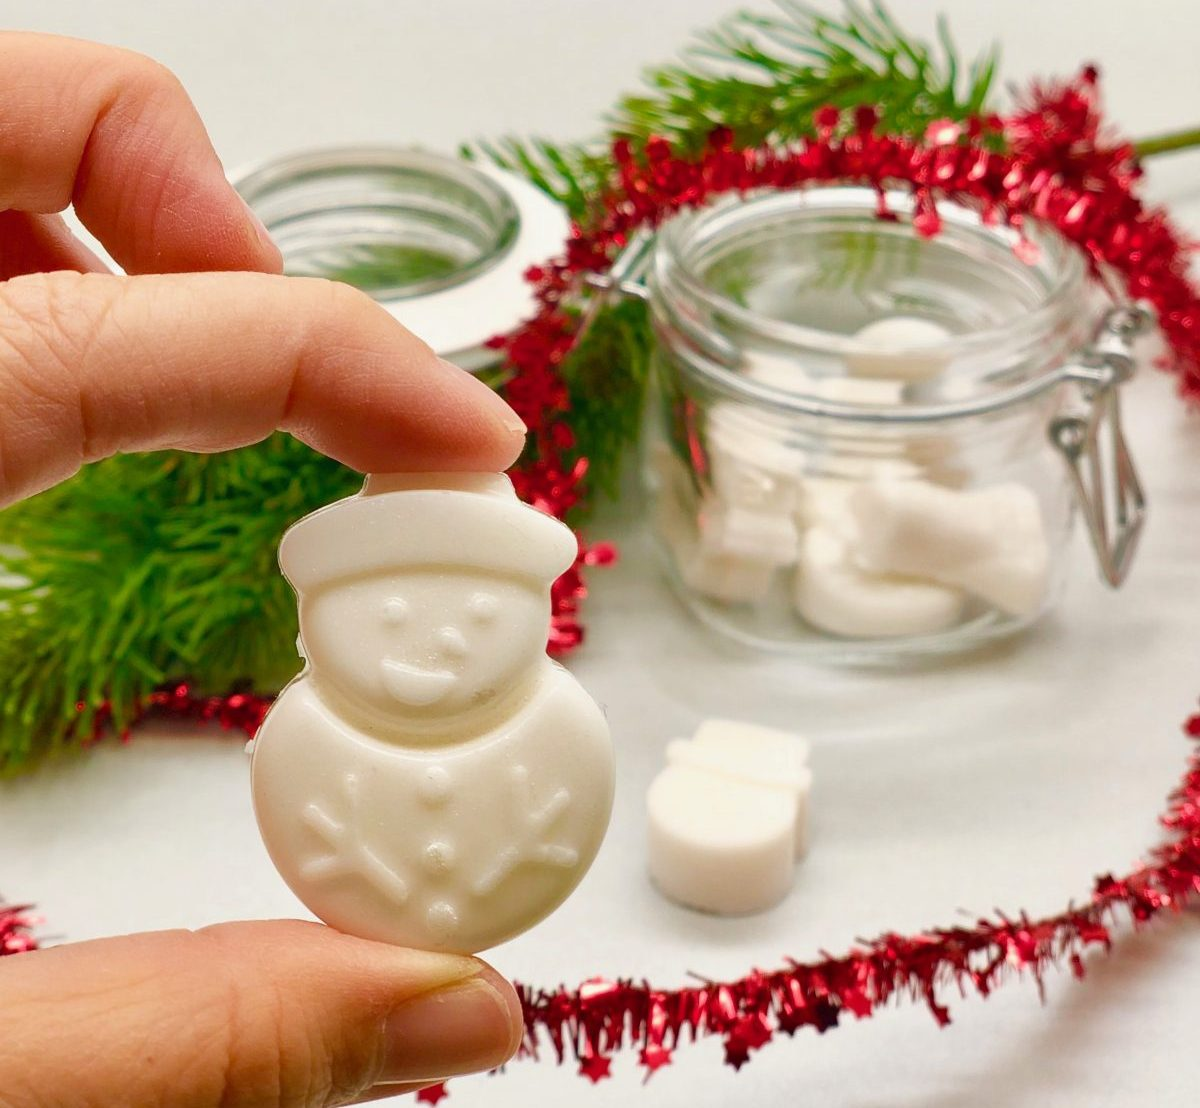 Geschenke Zu Weihnachten.Seife Selber Machen Susse Diy Geschenke Zu Weihnachten